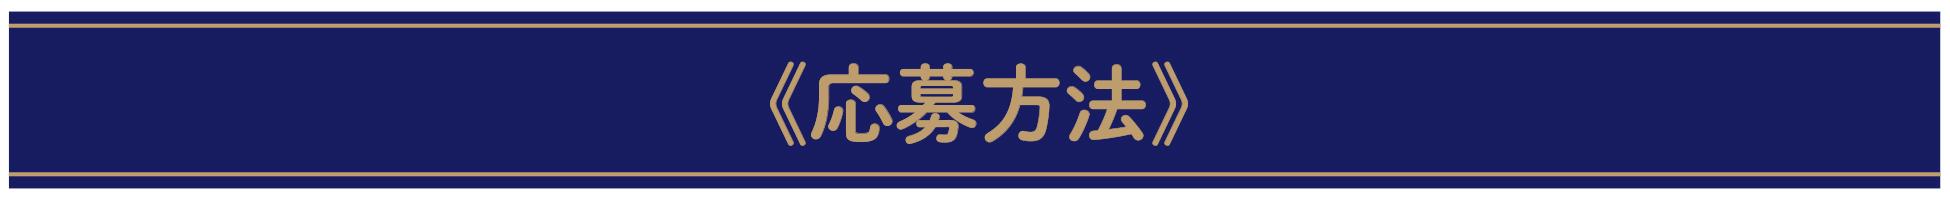 (応募方法)小森樹脂50周年ありがとうキャンペーン〈第2弾〉